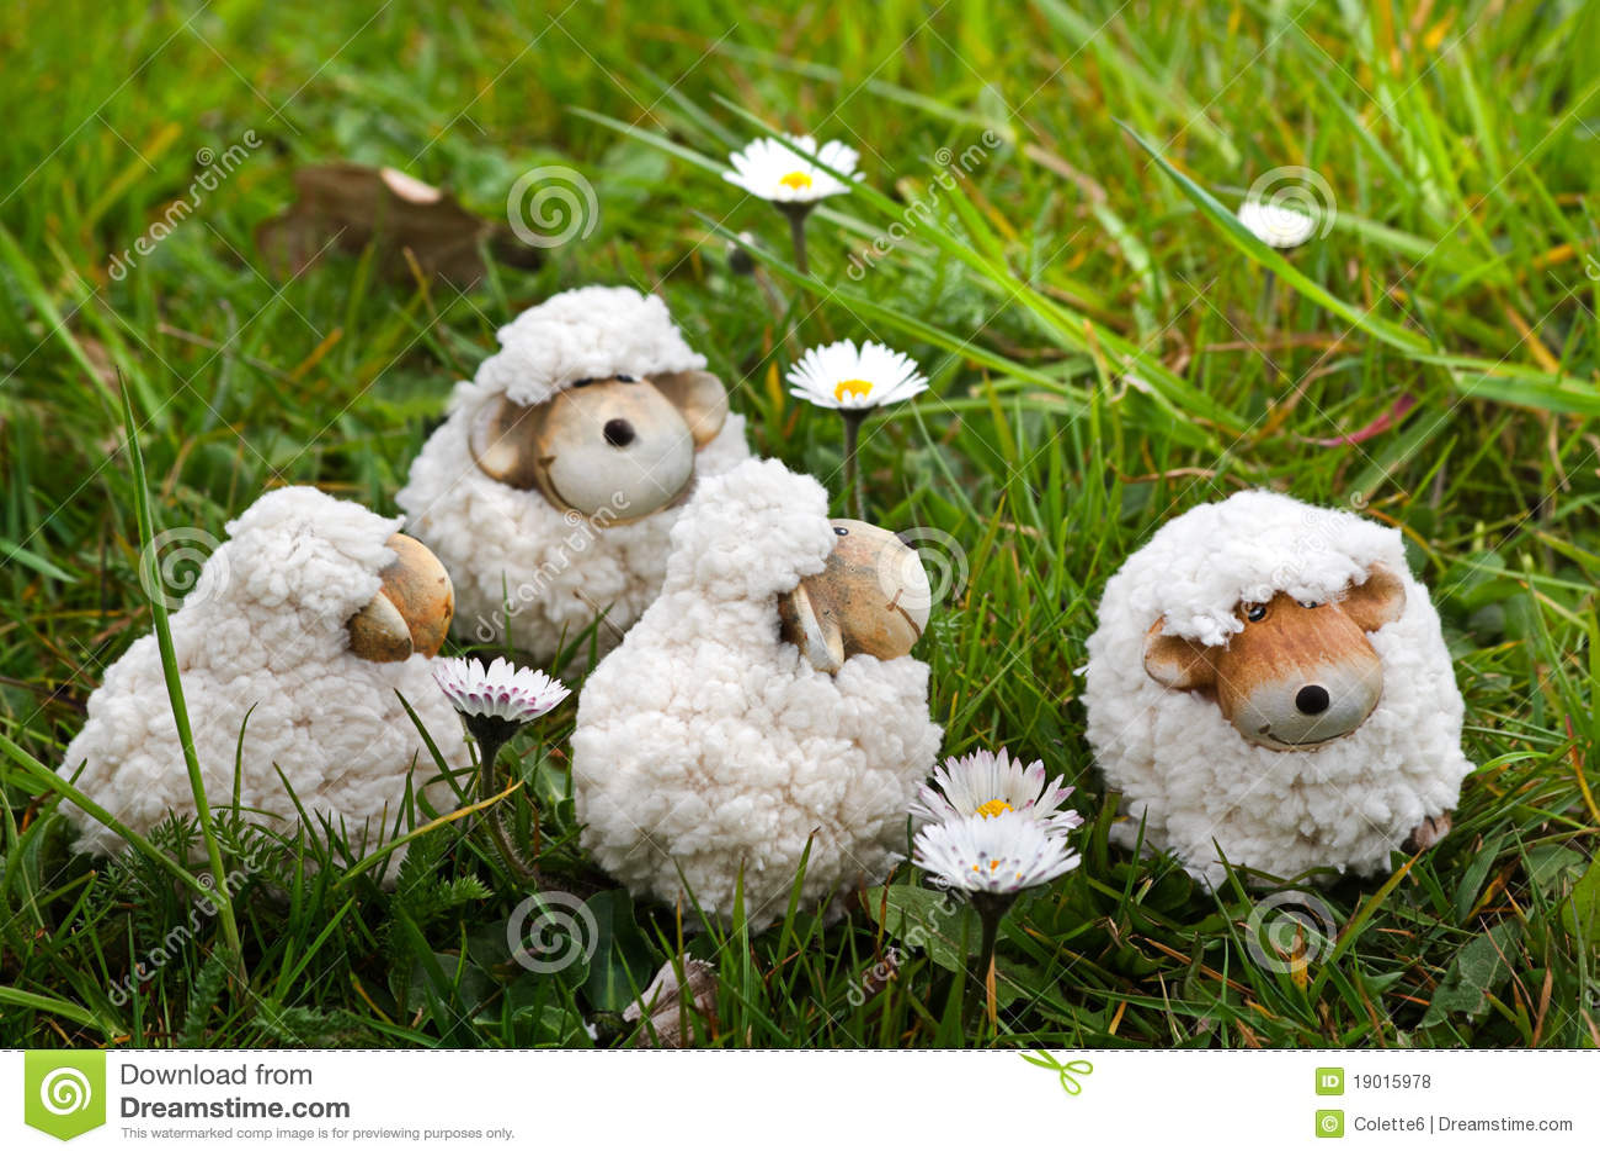 De decoratie van pasen of van de lente vier schapen in gras stock foto afbeelding 19015978 - Decoratie van de villas ...